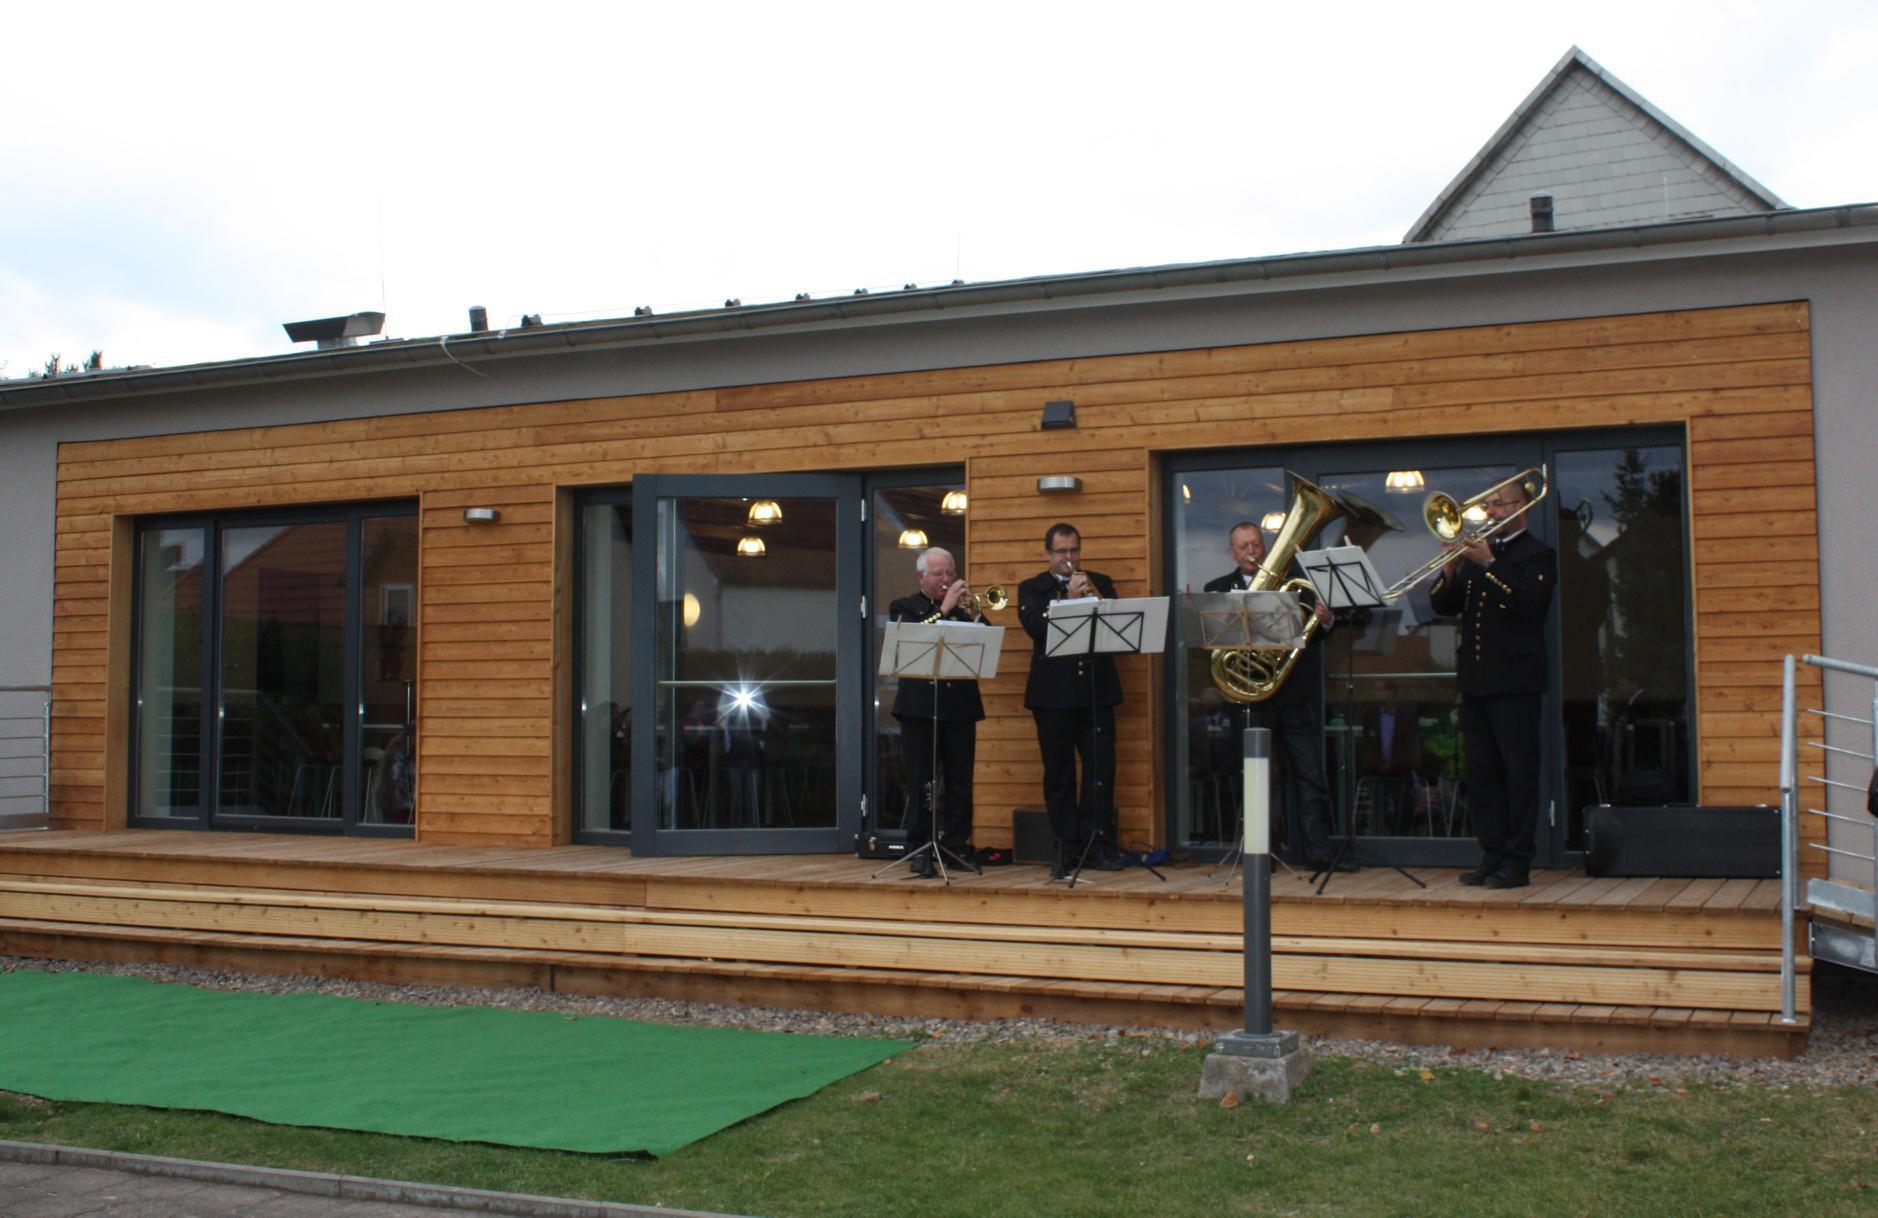 Feierliche Eröffnung des Dorfgemeinschaftshauses in Kleinbodungen